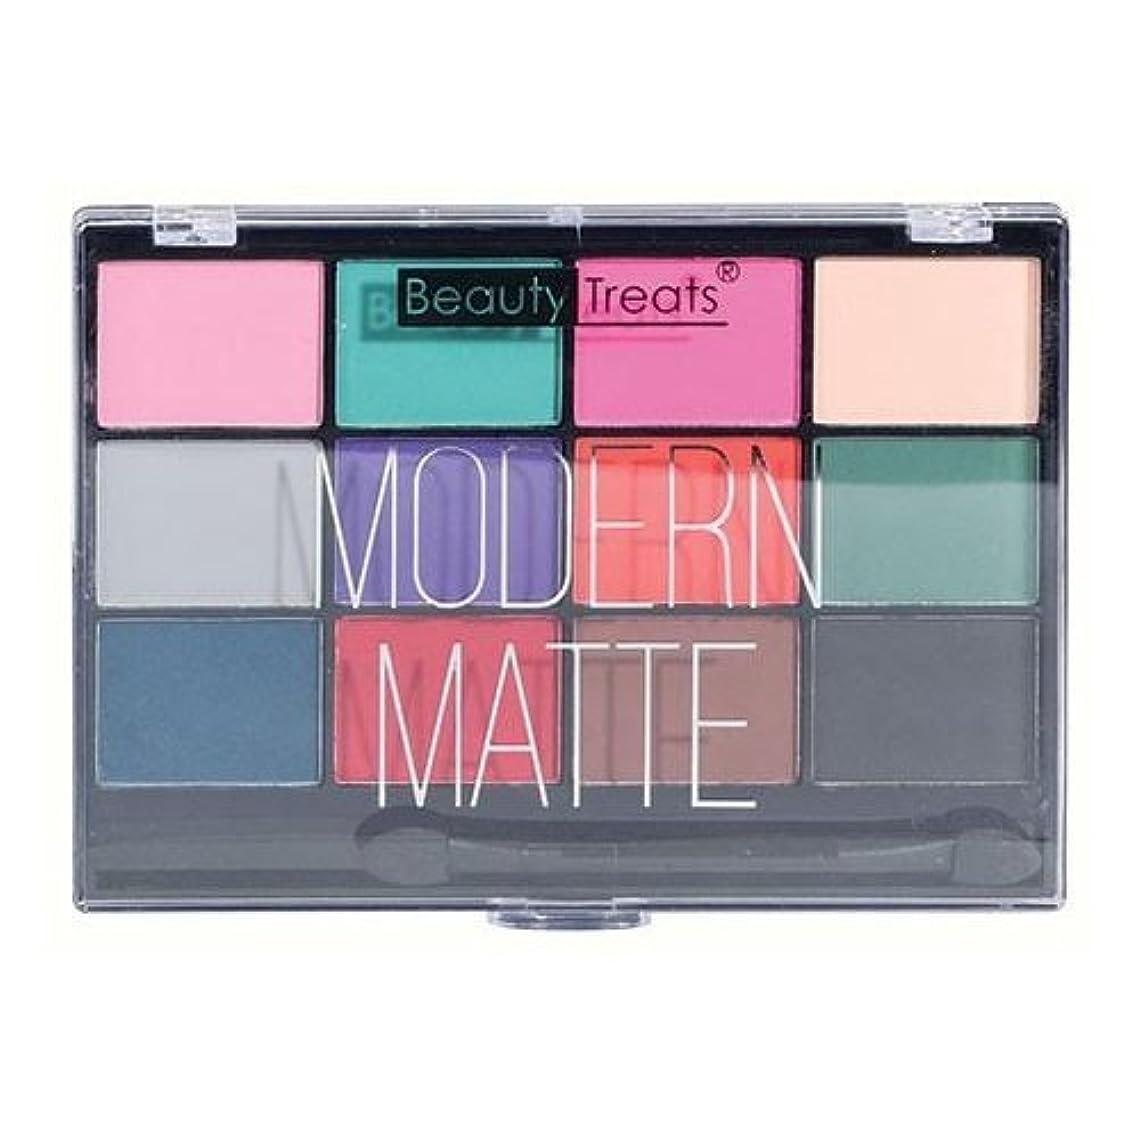 スクラップ神聖忘れっぽいBEAUTY TREATS Modern Matte Eyeshadow - Matte Colors (並行輸入品)